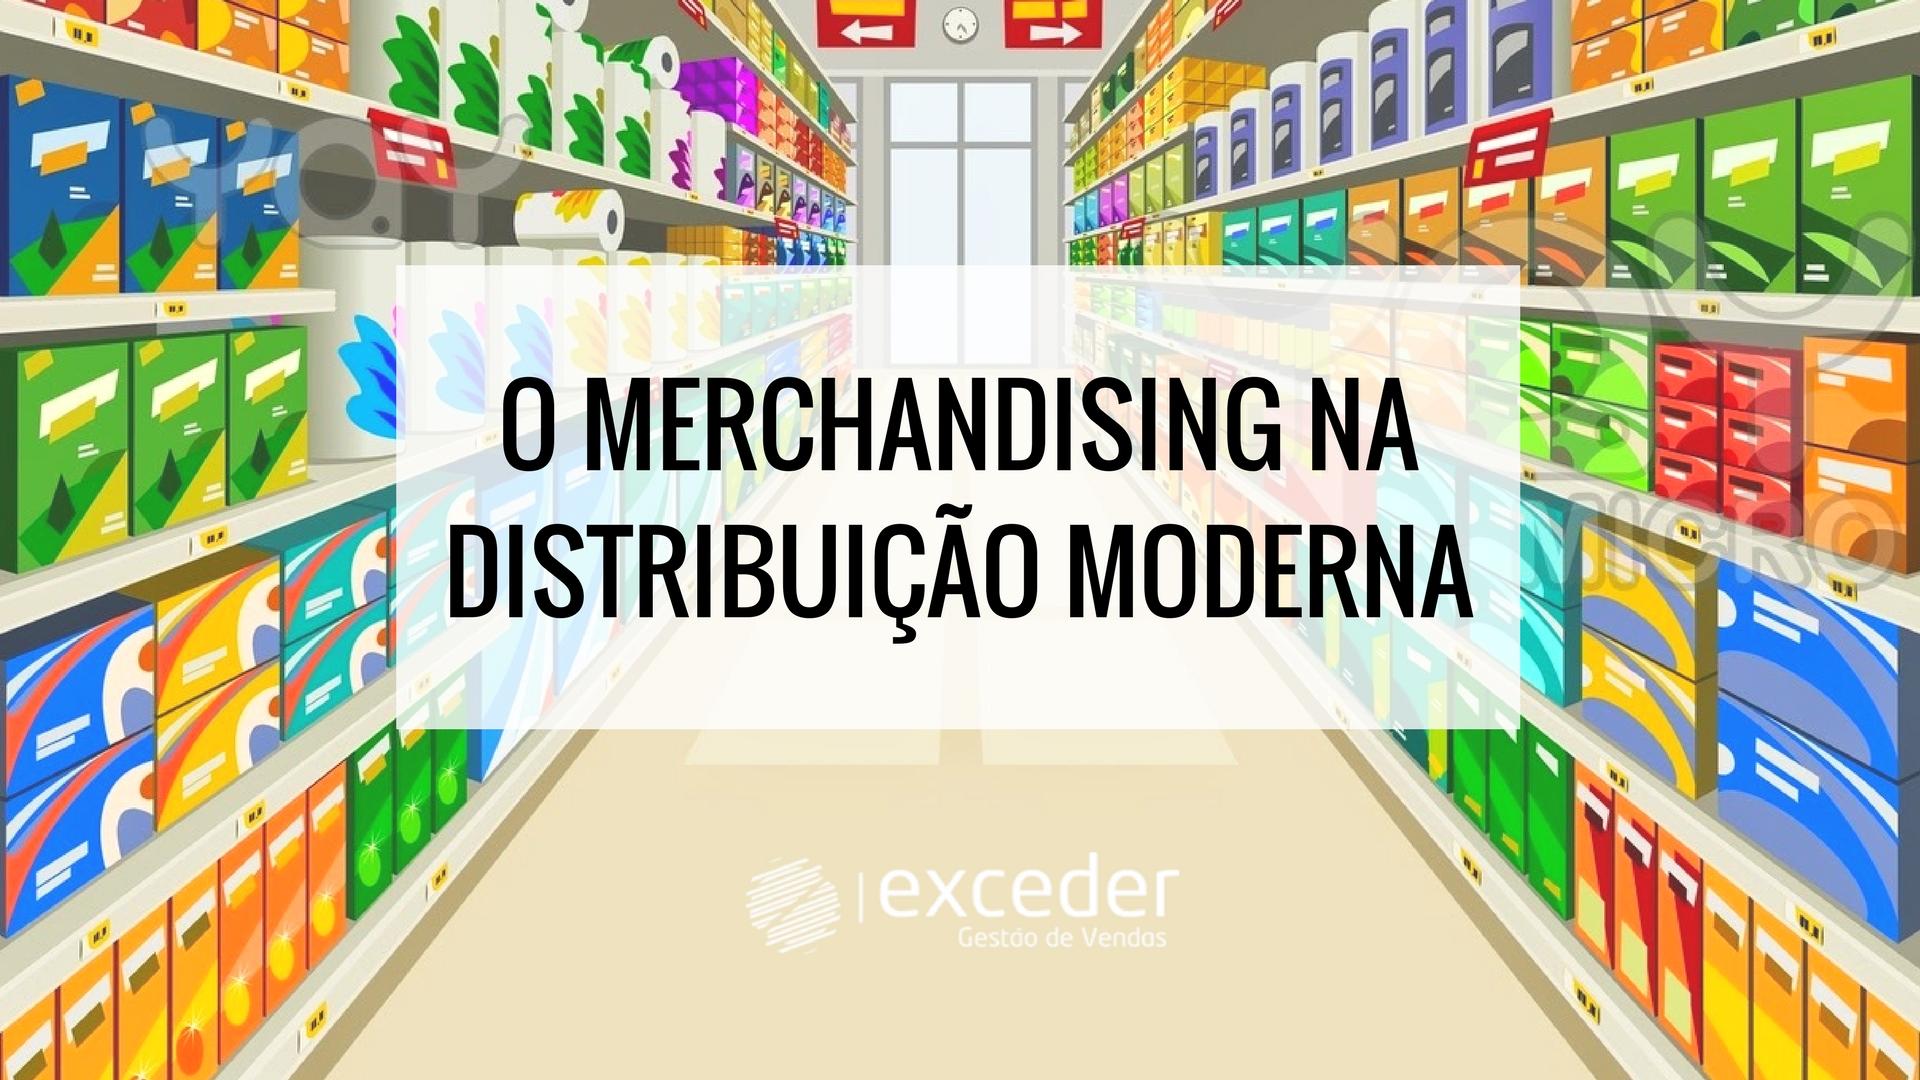 O Merchandising na Distribuição Moderna